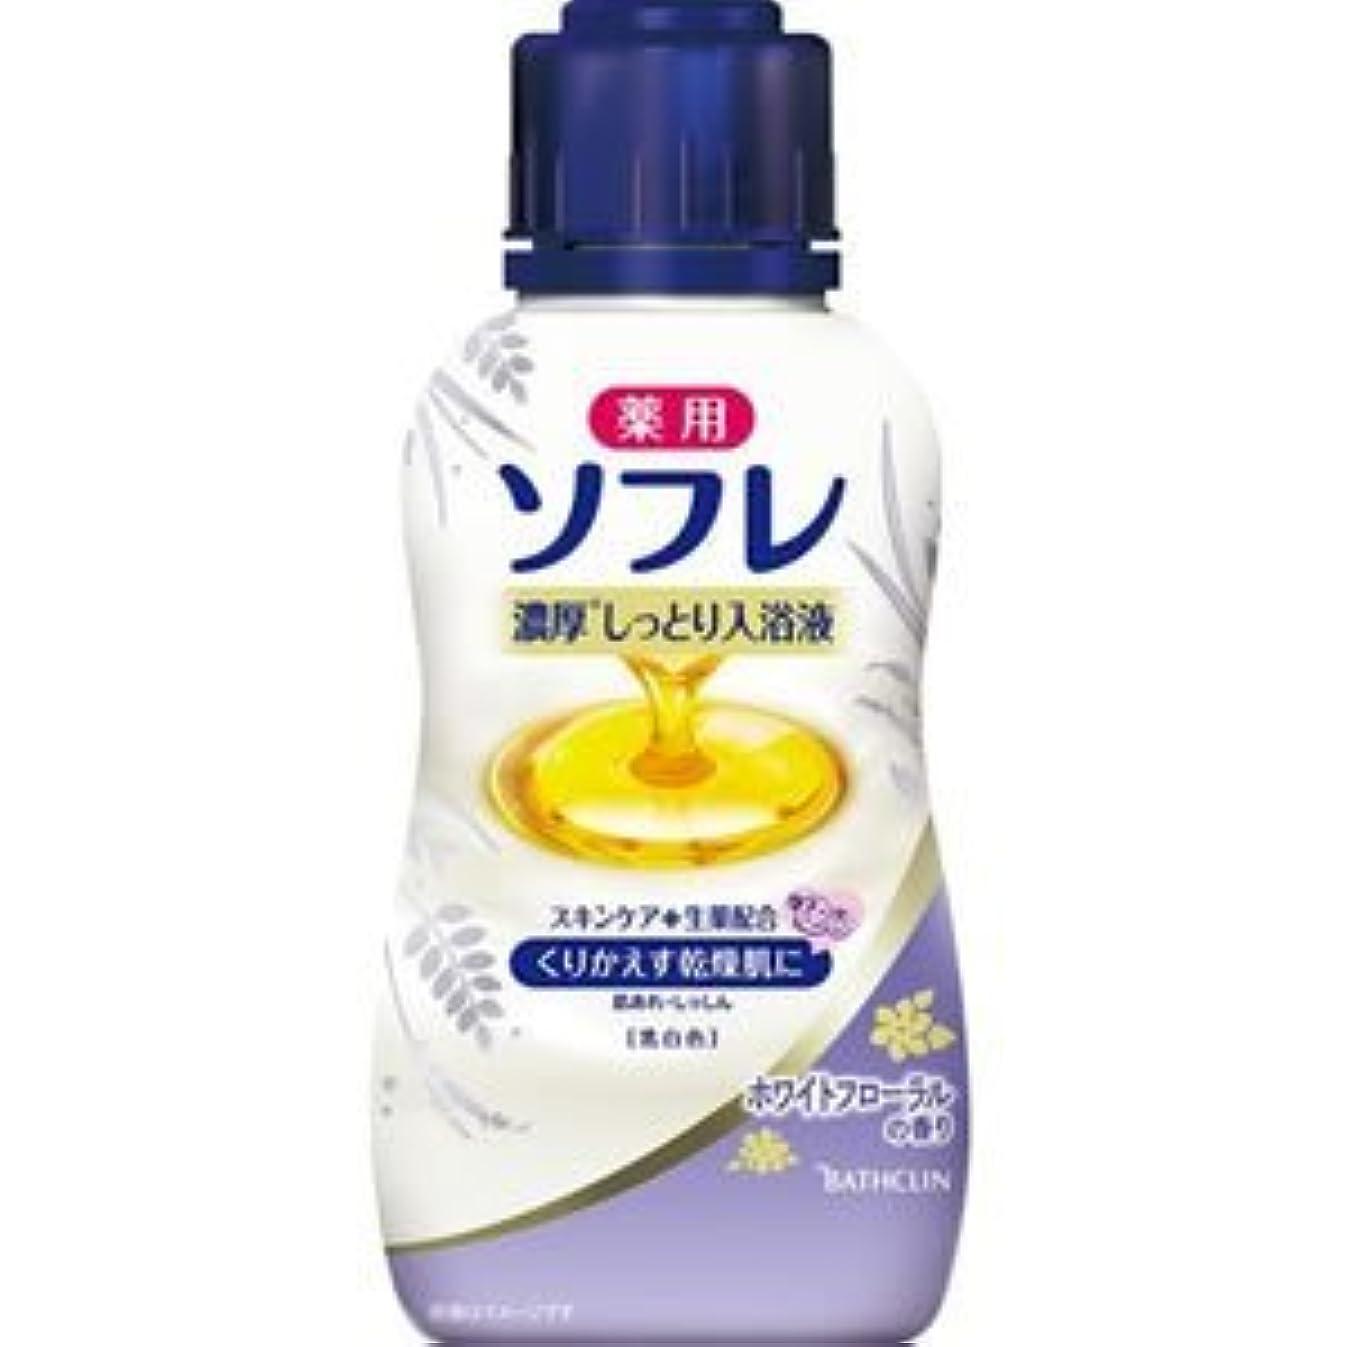 ターミナルトークン新年(バスクリン)薬用ソフレ 濃厚しっとり入浴液(ホワイトフローラルの香り)480ml(医薬部外品)